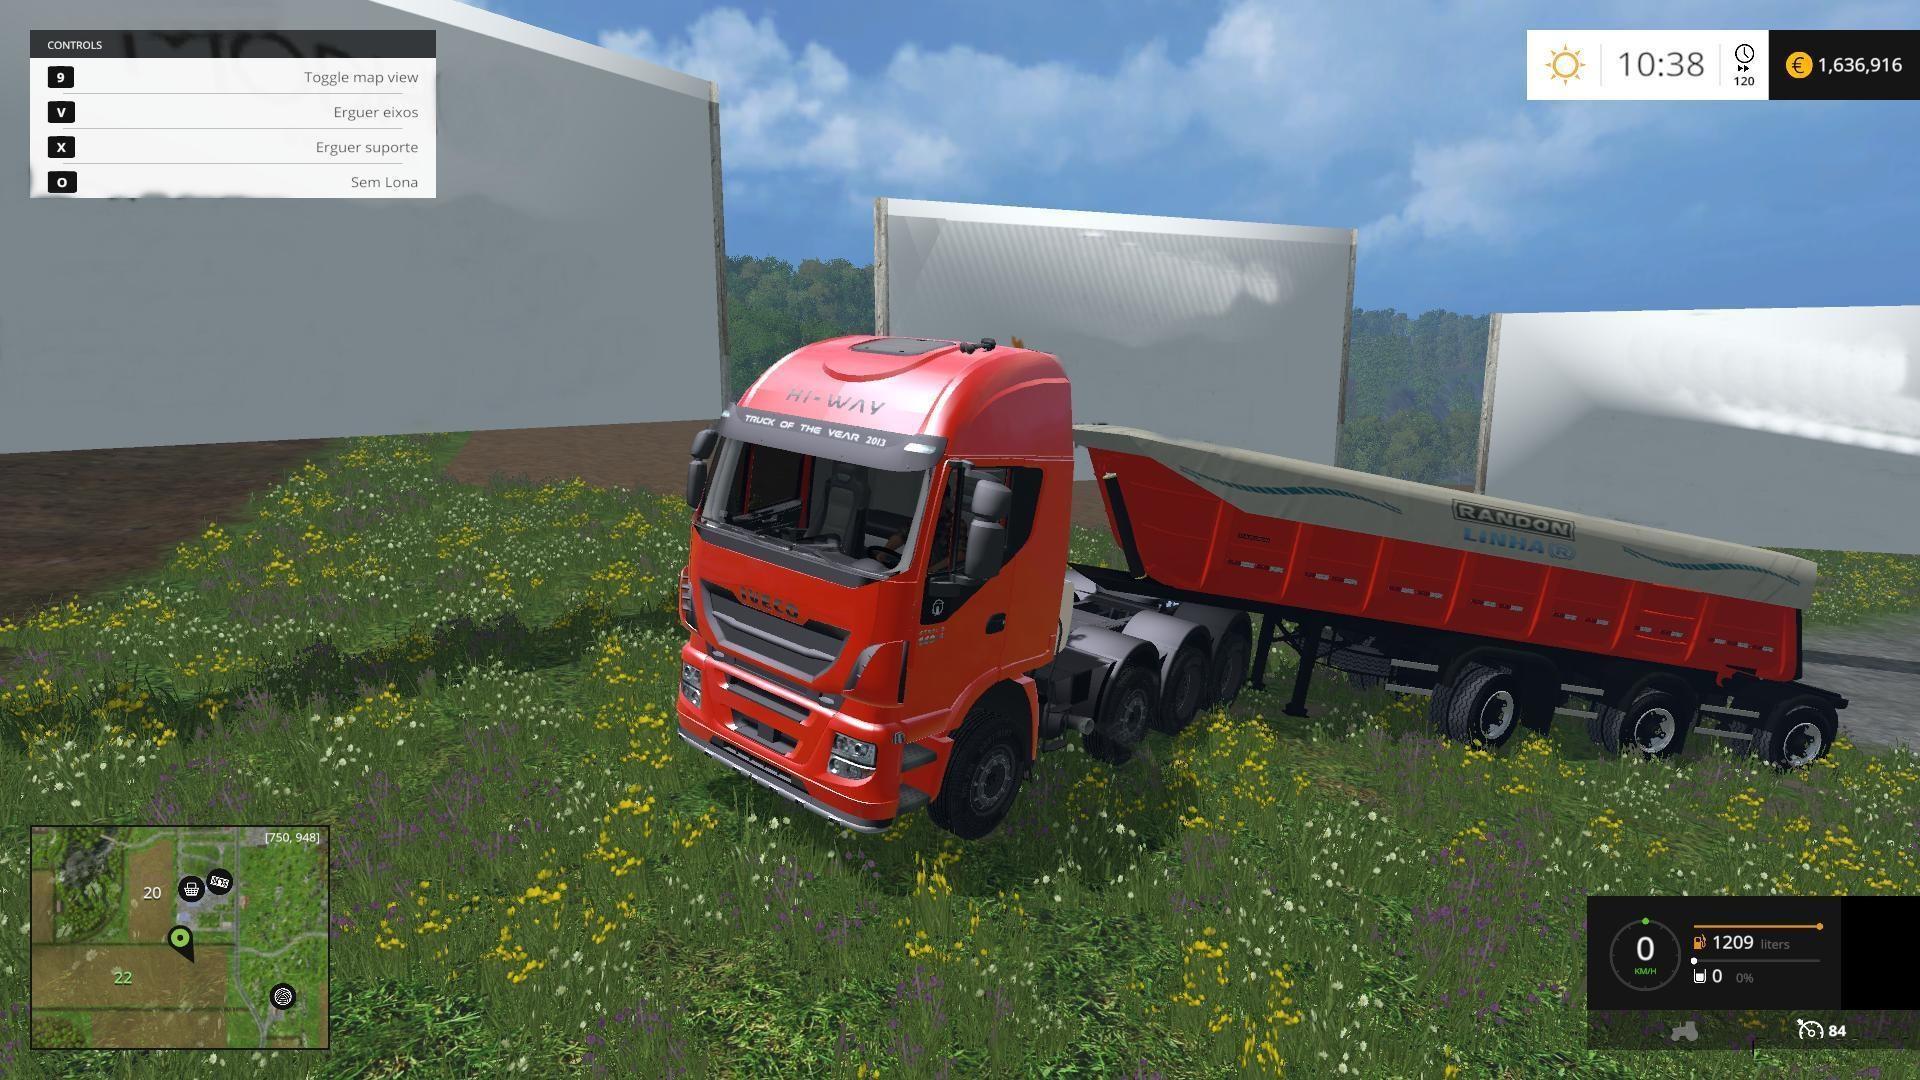 1424170565_iveco-stralis-560-8x4-trailer-v1_1-114